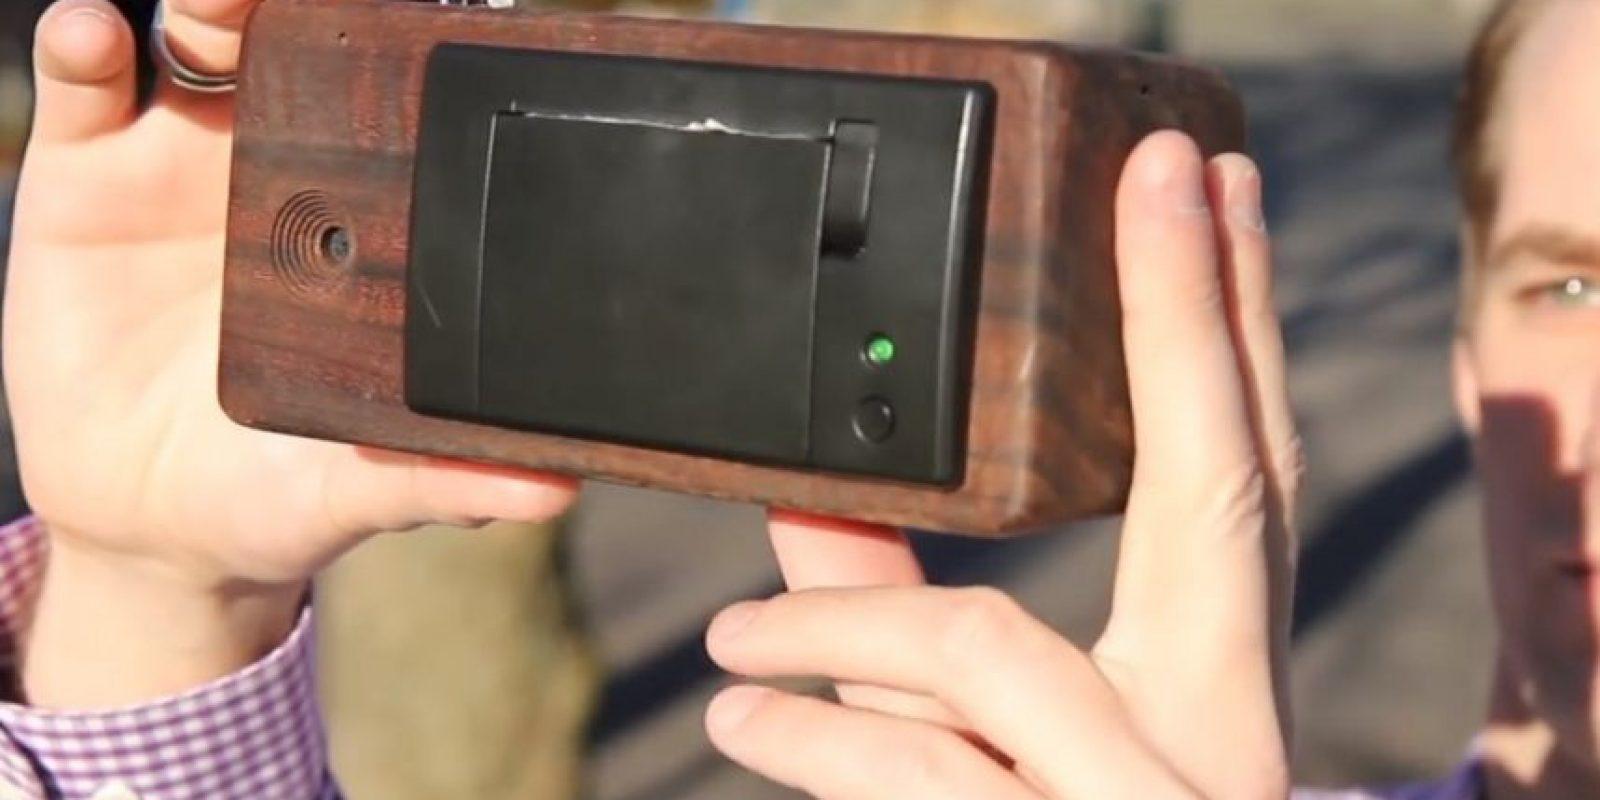 Se trata de un prototipo hecho de madera de nogal, mismo que mide 3.25*6.75*3 pulgadas con resolución de 640*384 pixeles. Cuenta en su interior con 50 metros de papel para tomar hasta 150 fotografías. Foto:ch00ftech.com